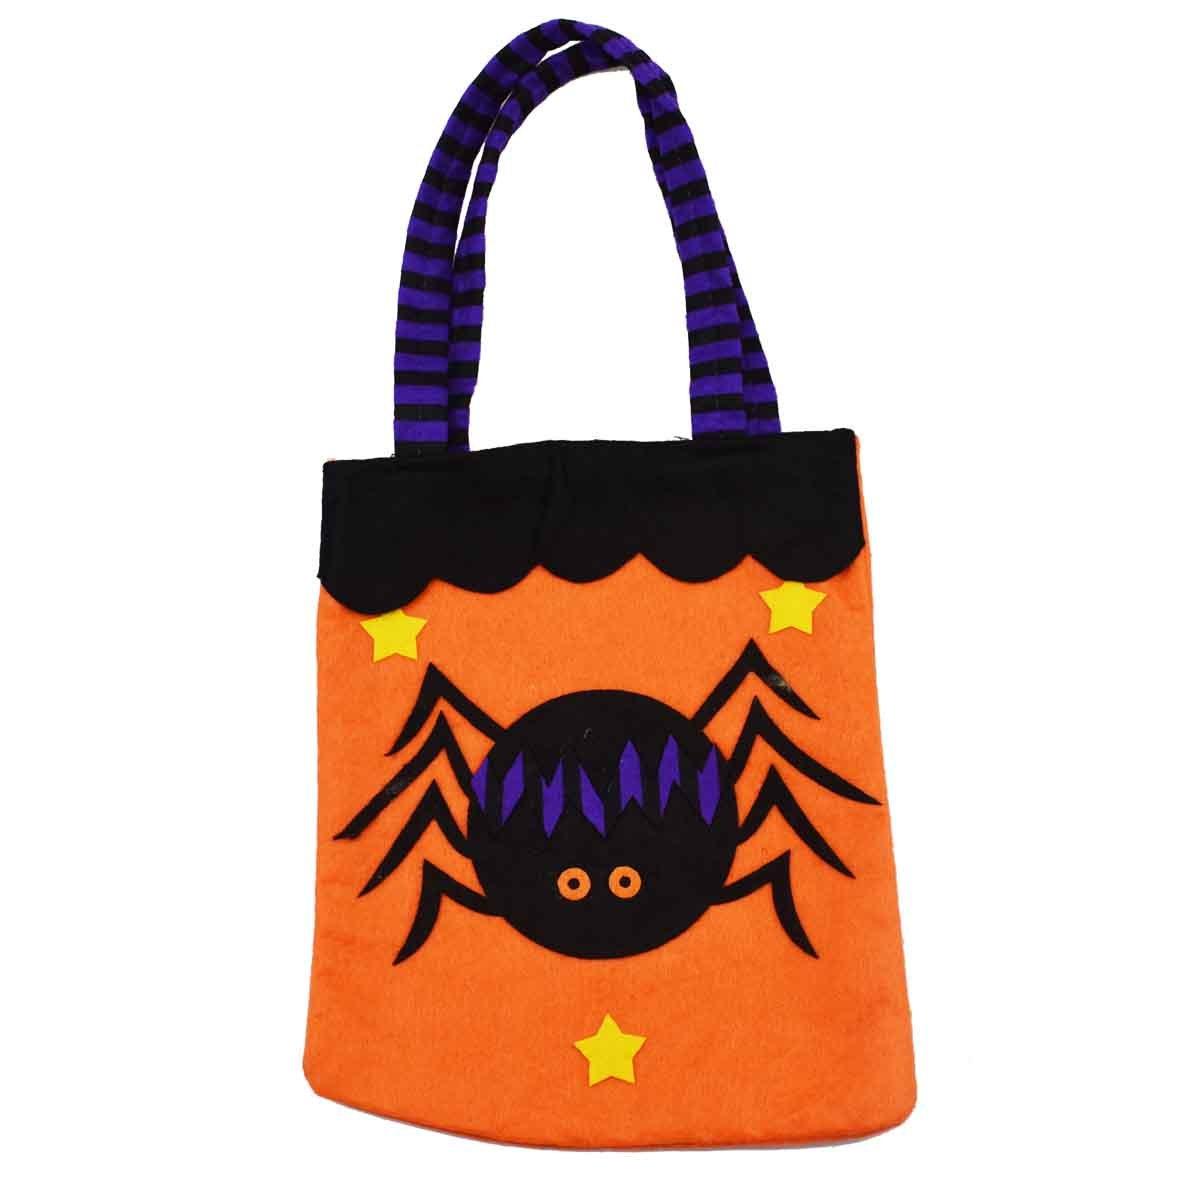 XONOR 3 St/ück Halloween-Tragetaschen Wiederverwendbare Lebensmittelgesch/äft-S/ü/ßigkeit-K/ürbis-Taschen-Taschen f/ür Partei-Bevorzugungs-Dekoration Large 39cm